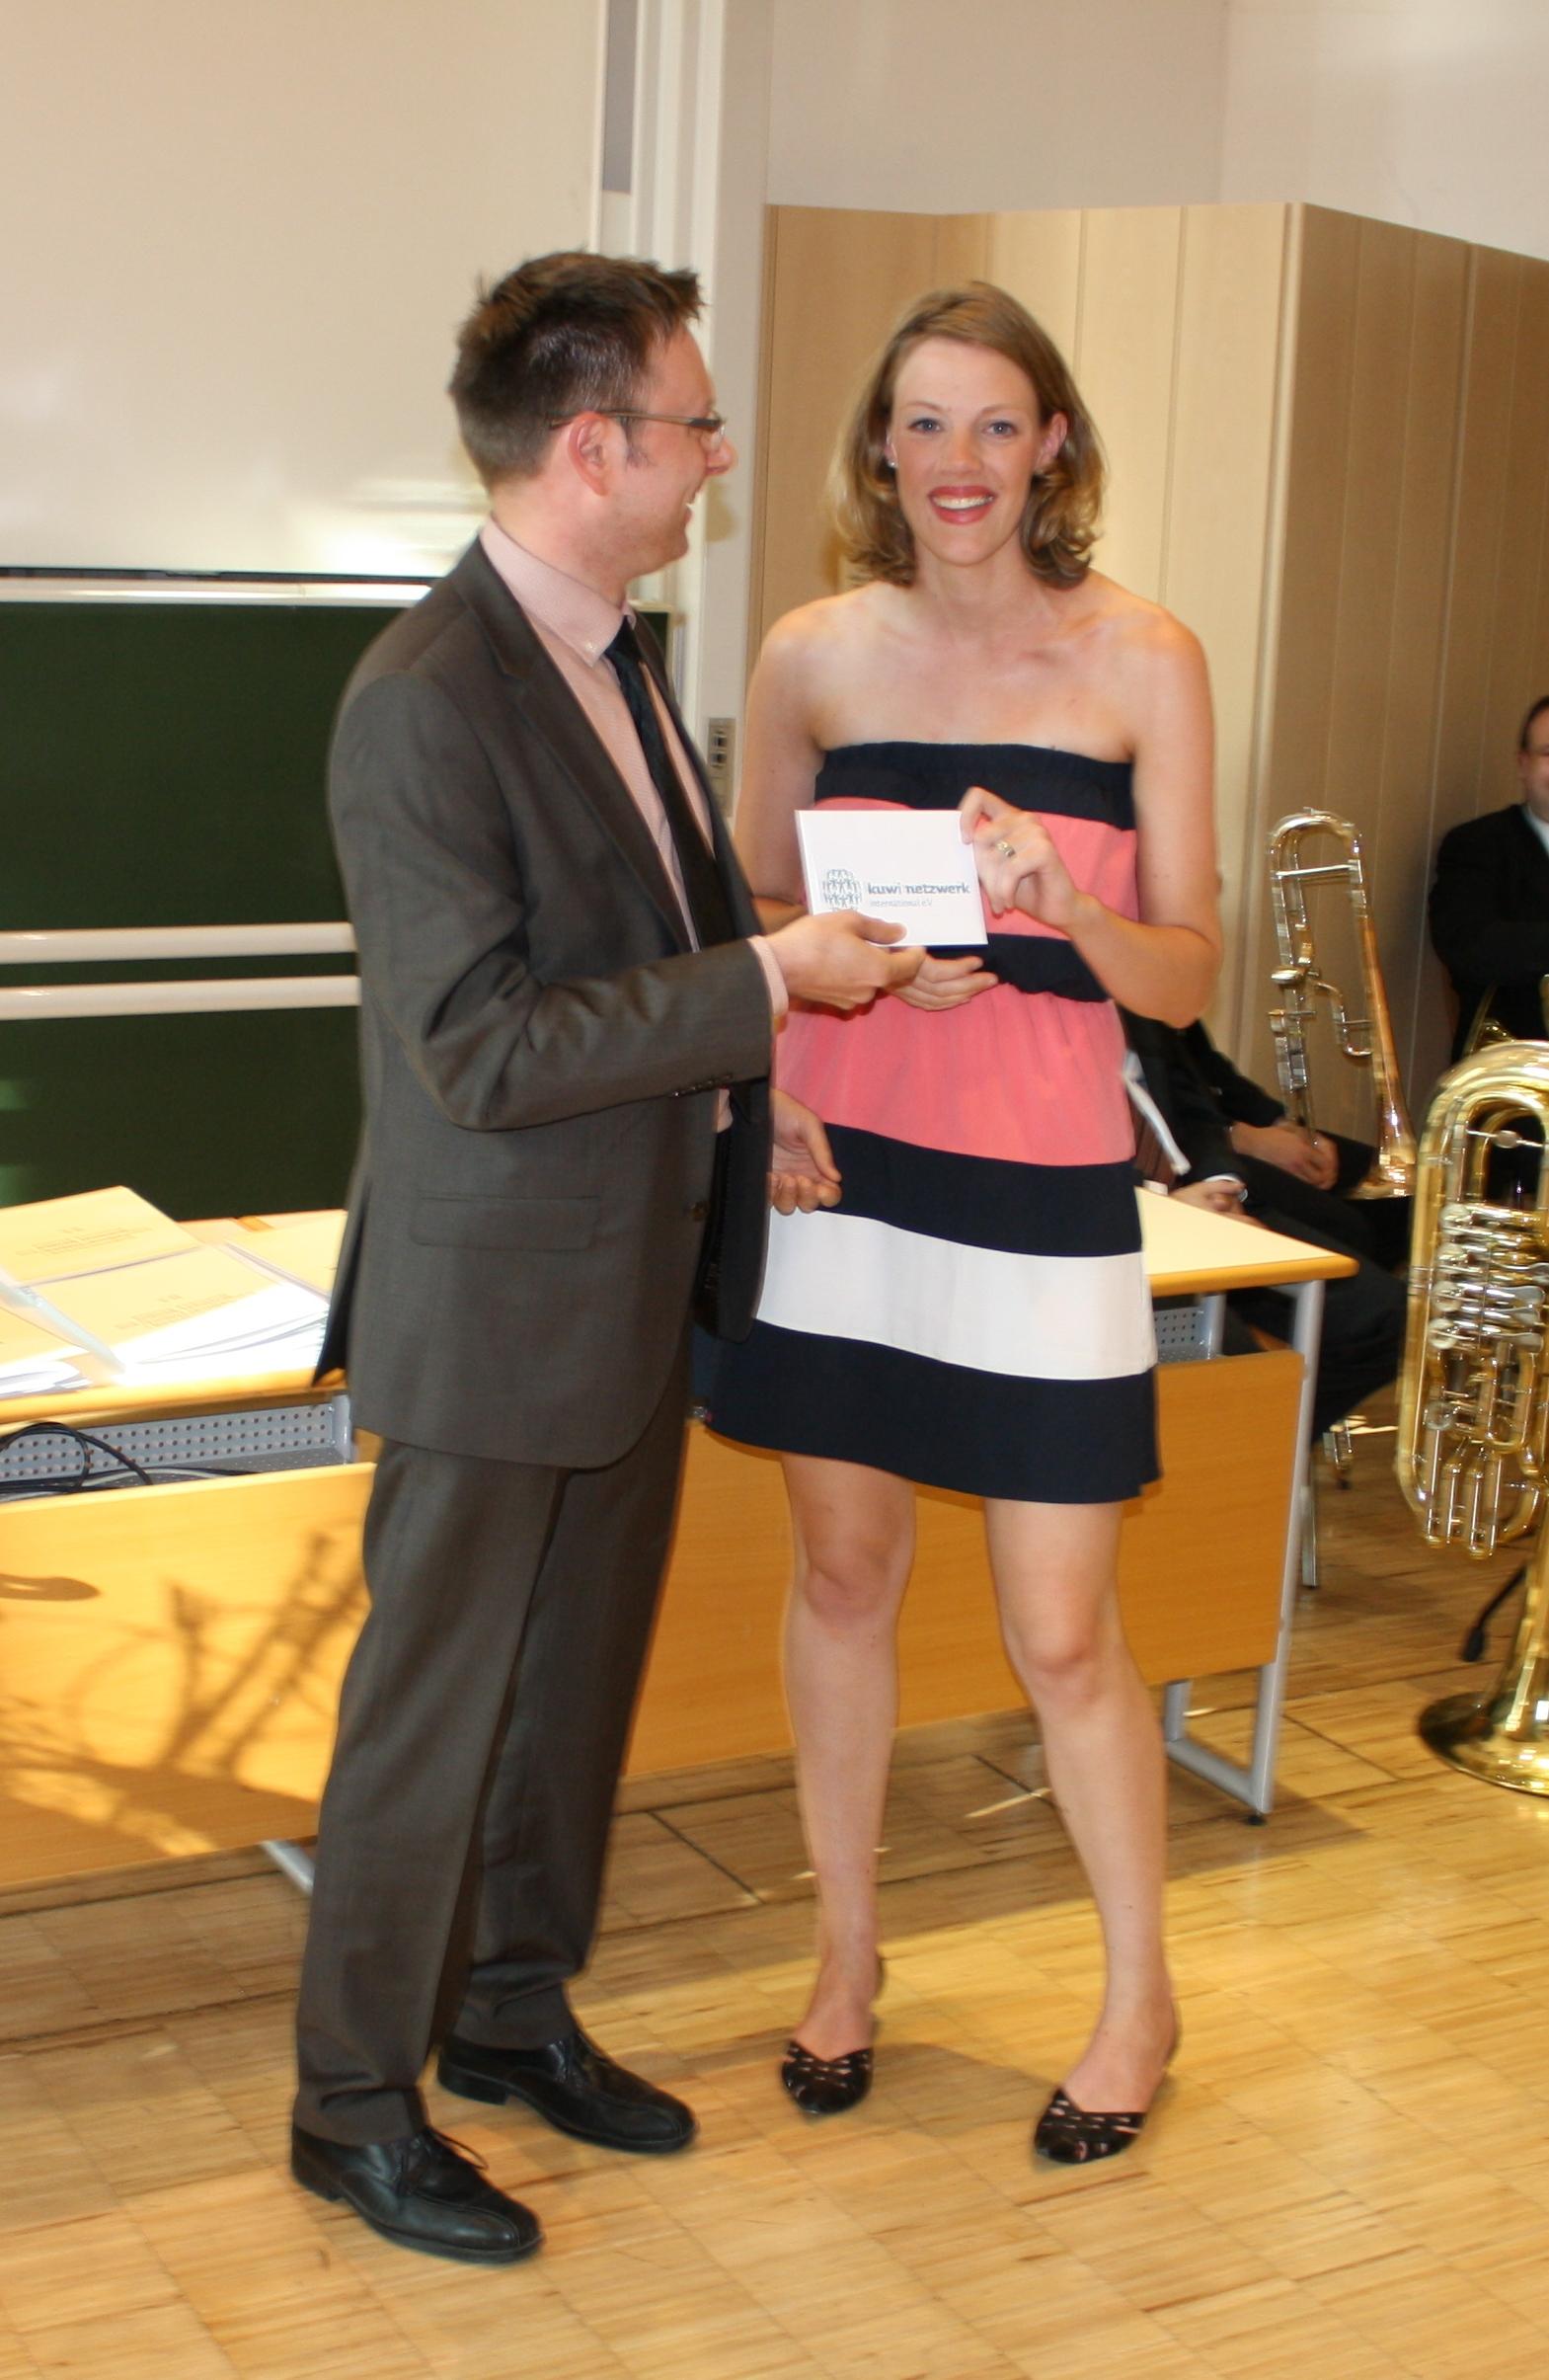 kuwi netzwerk - Geschäftsführer Christian Märtlbauer und Preisträgerin Maria Larissa Stoy